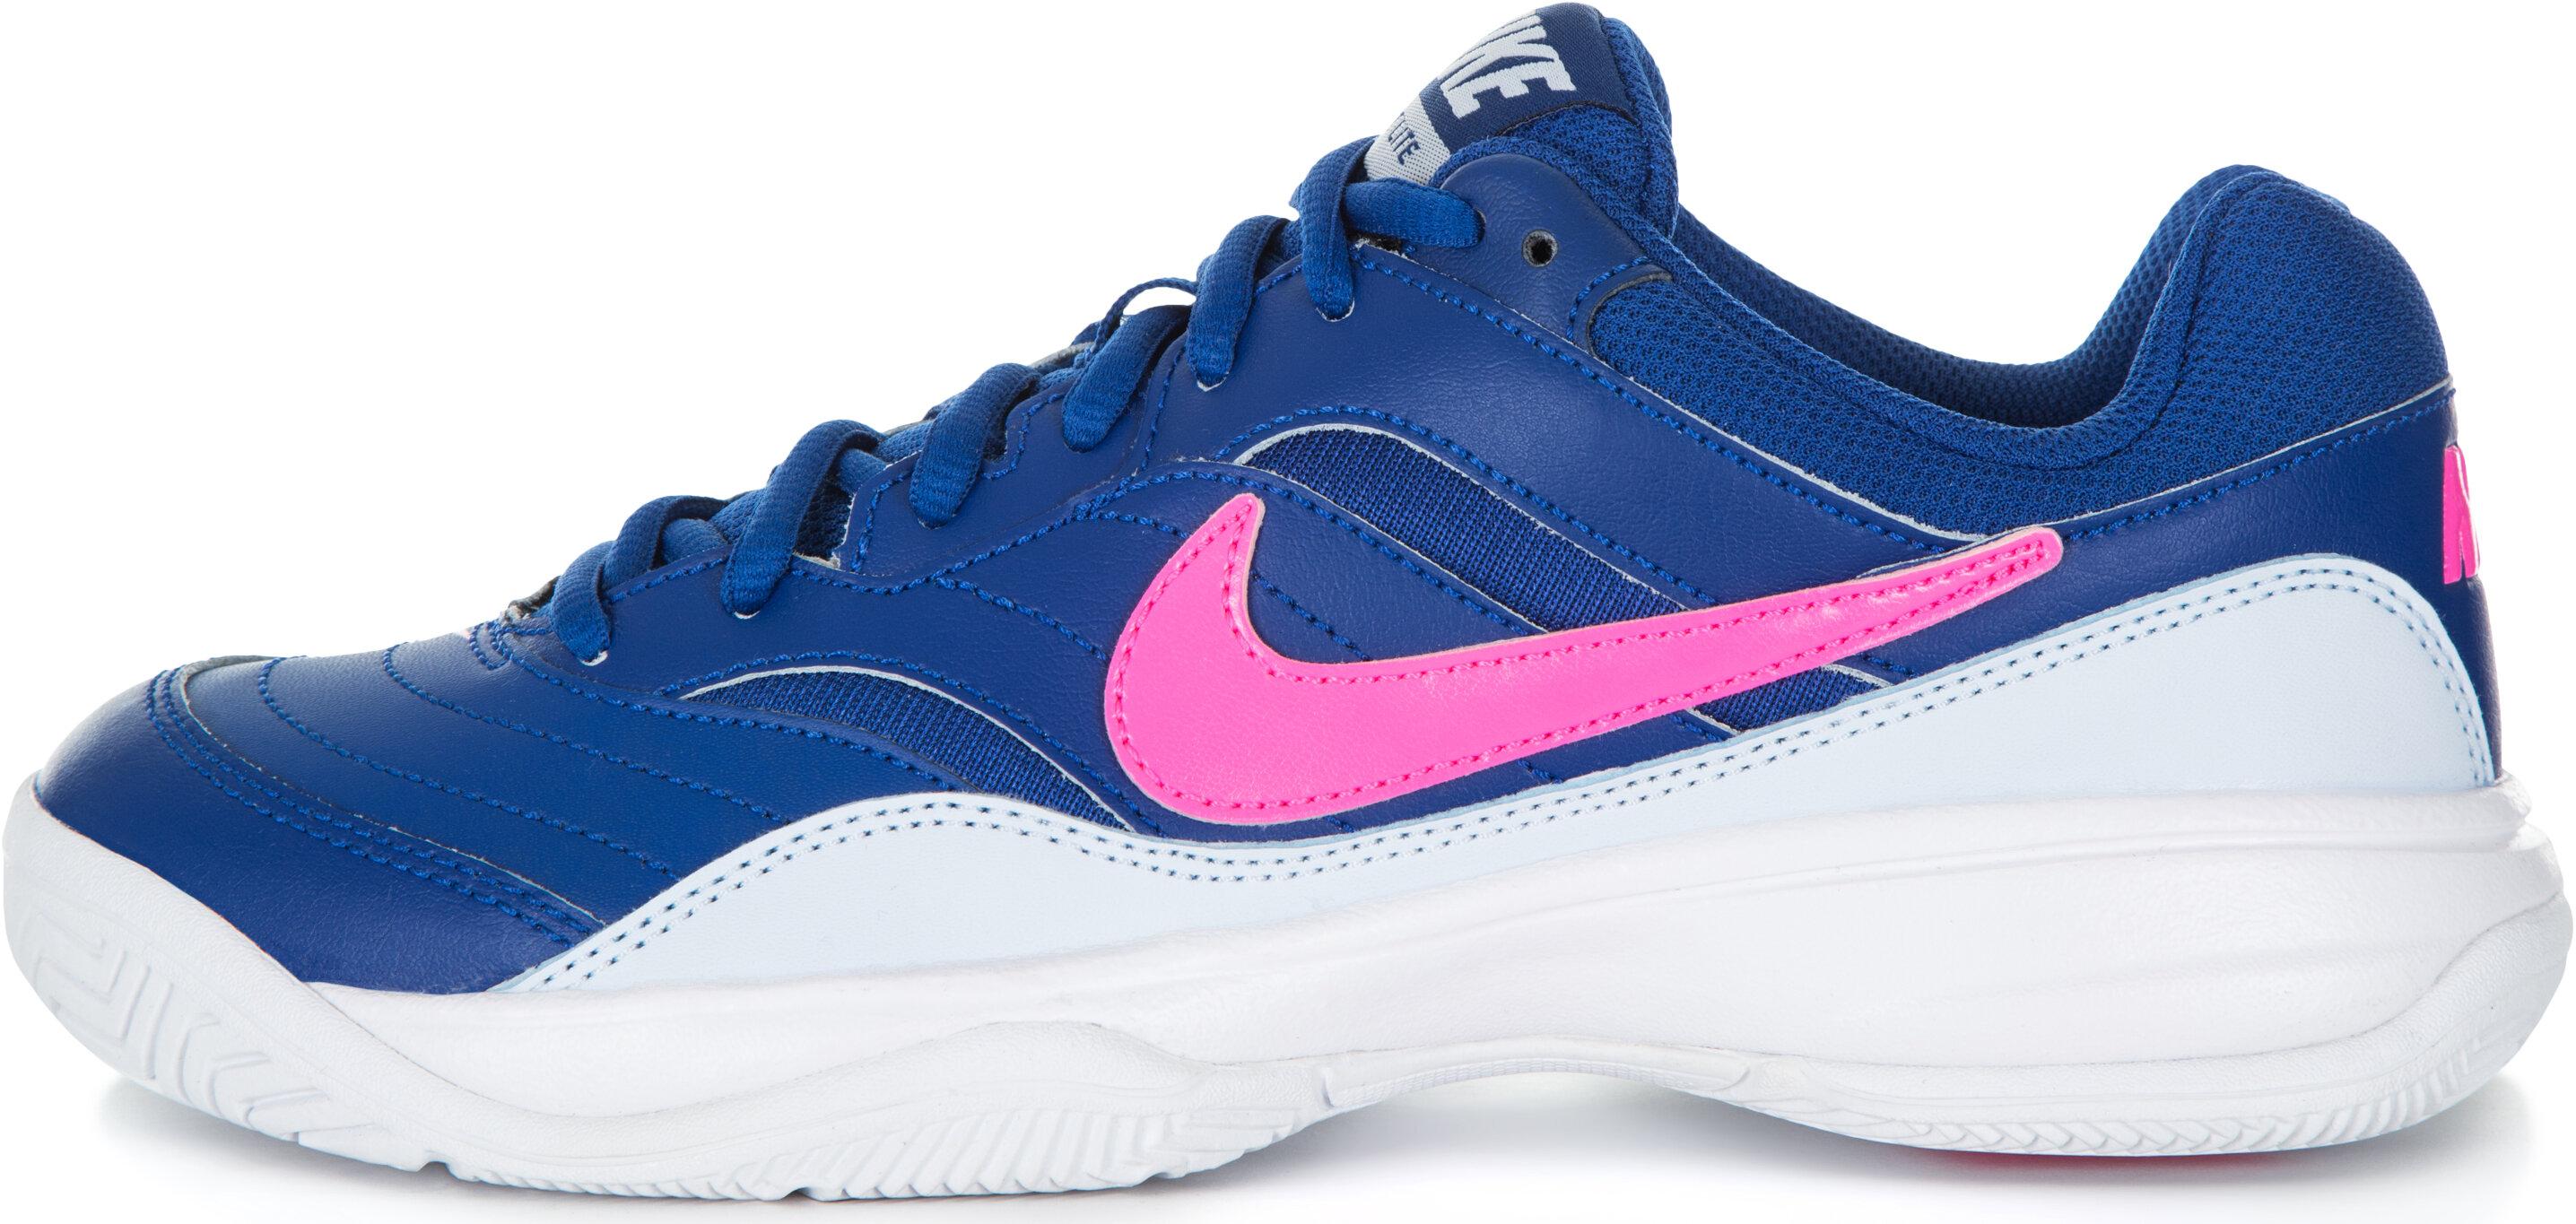 9ab5f6a5 Теннисные кроссовки Nike в Барнауле - 1508 товаров: Выгодные цены.